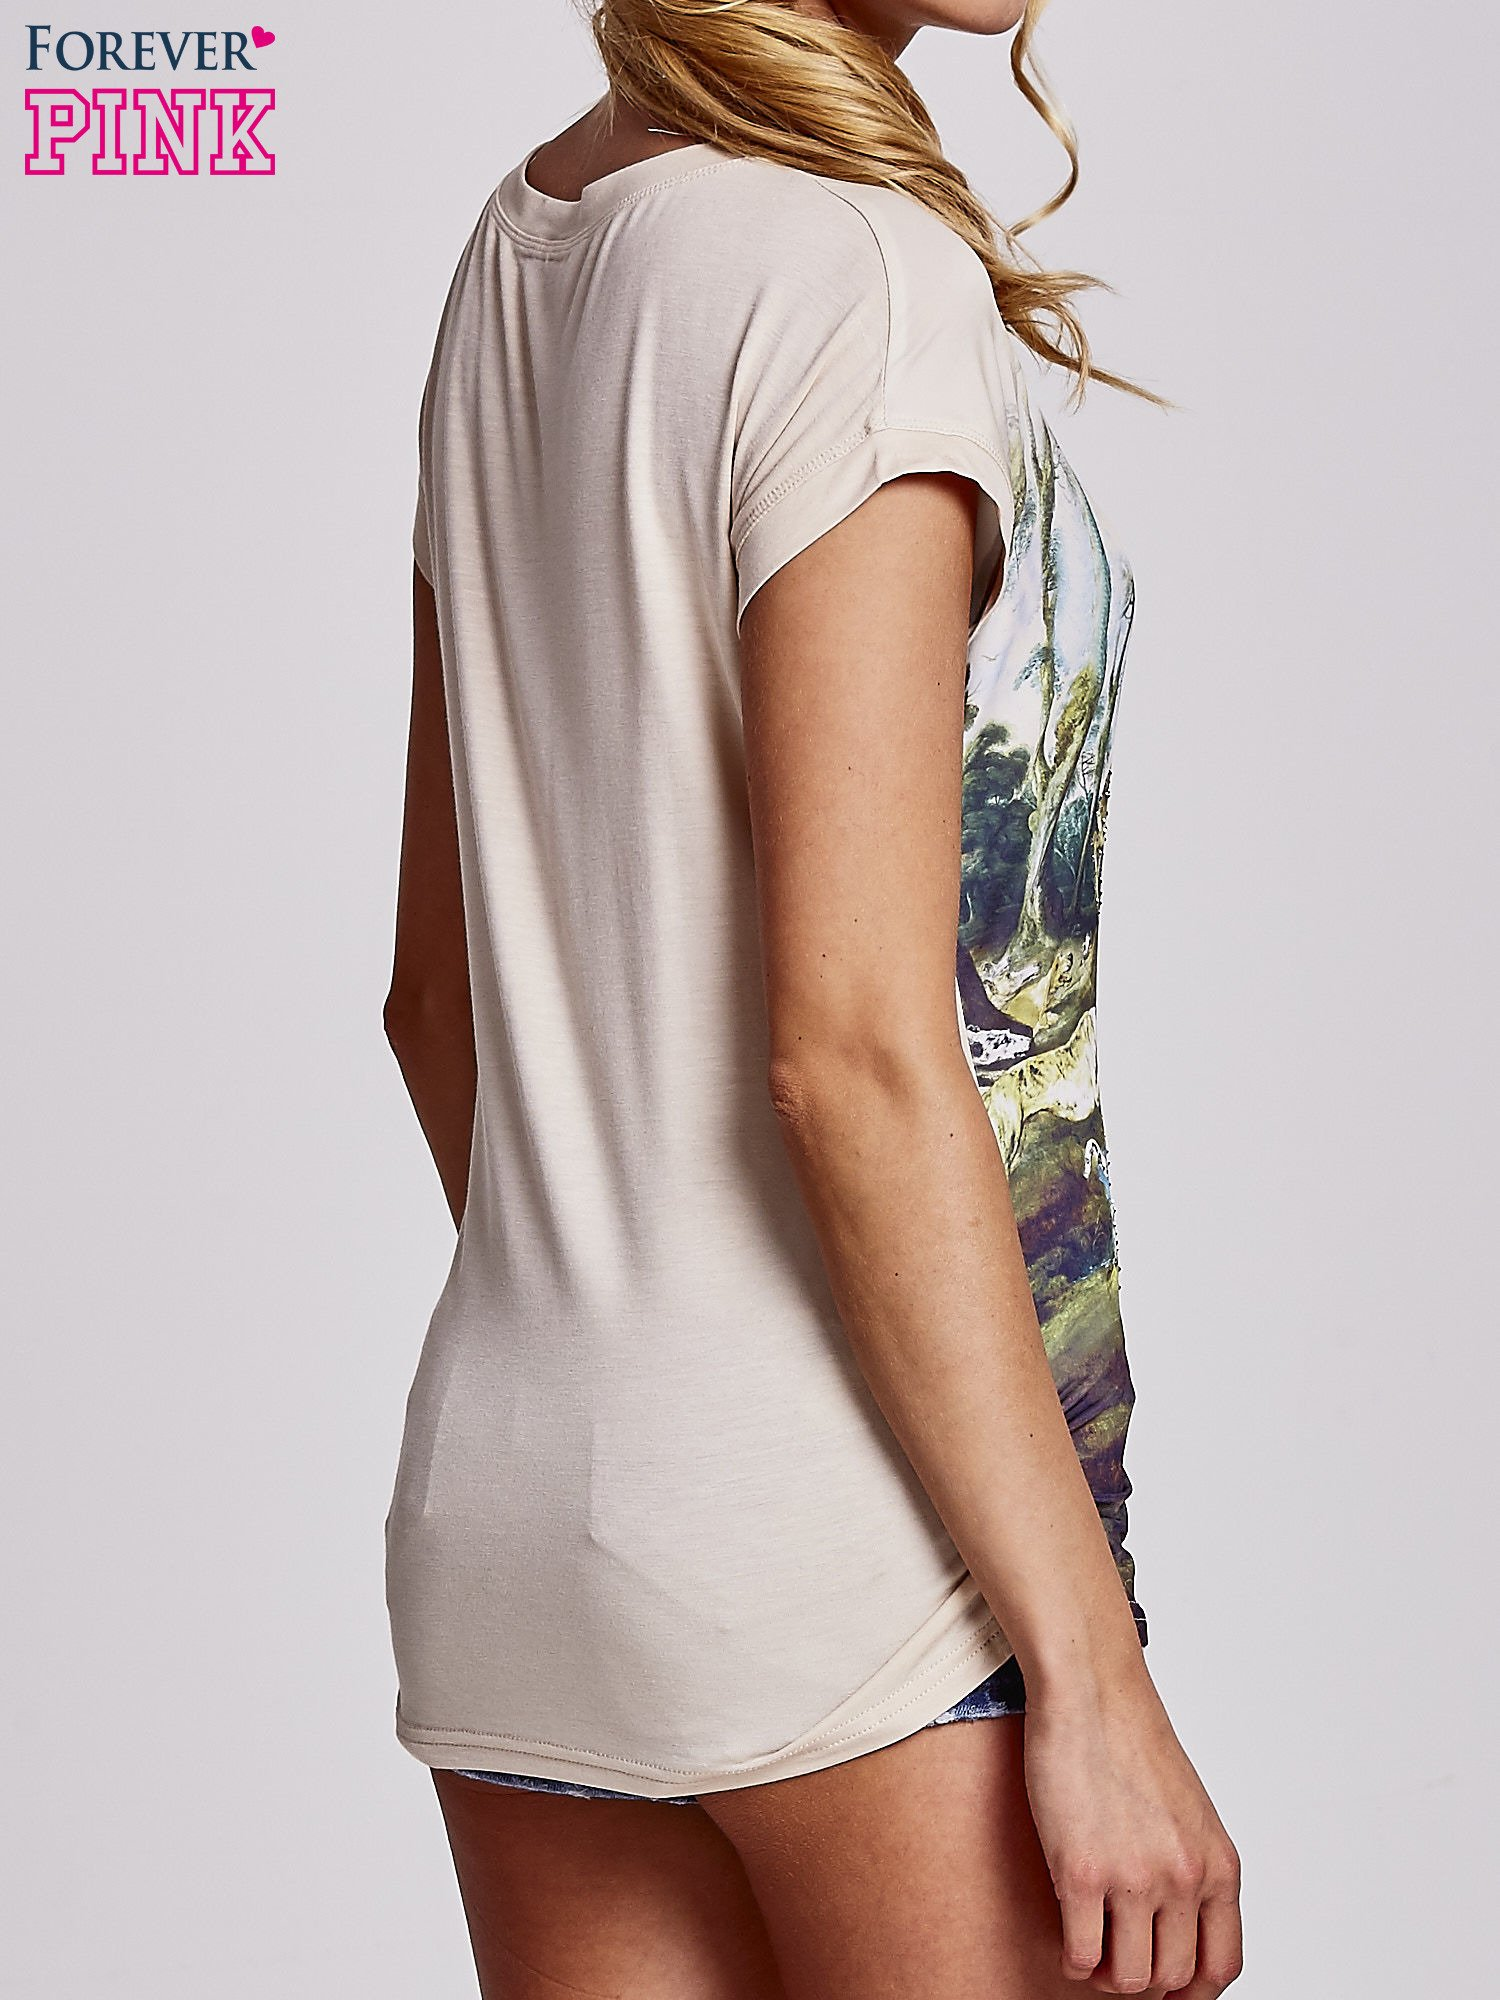 Beżowy t-shirt z nadrukiem krajobrazowym                                  zdj.                                  4